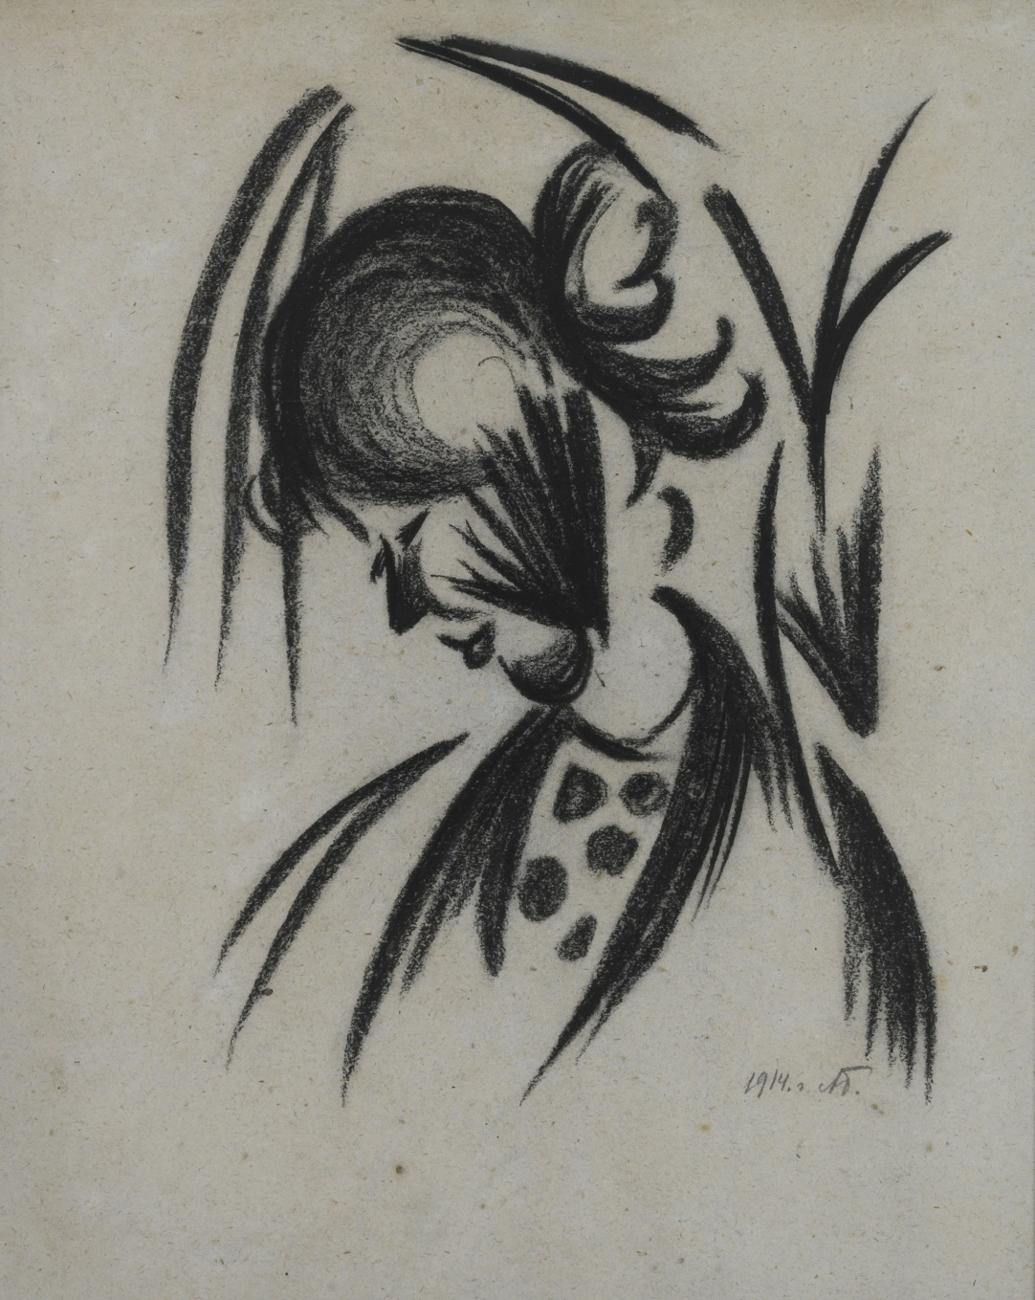 Wanda in Profile, 1914 - Alexander Bogomazov